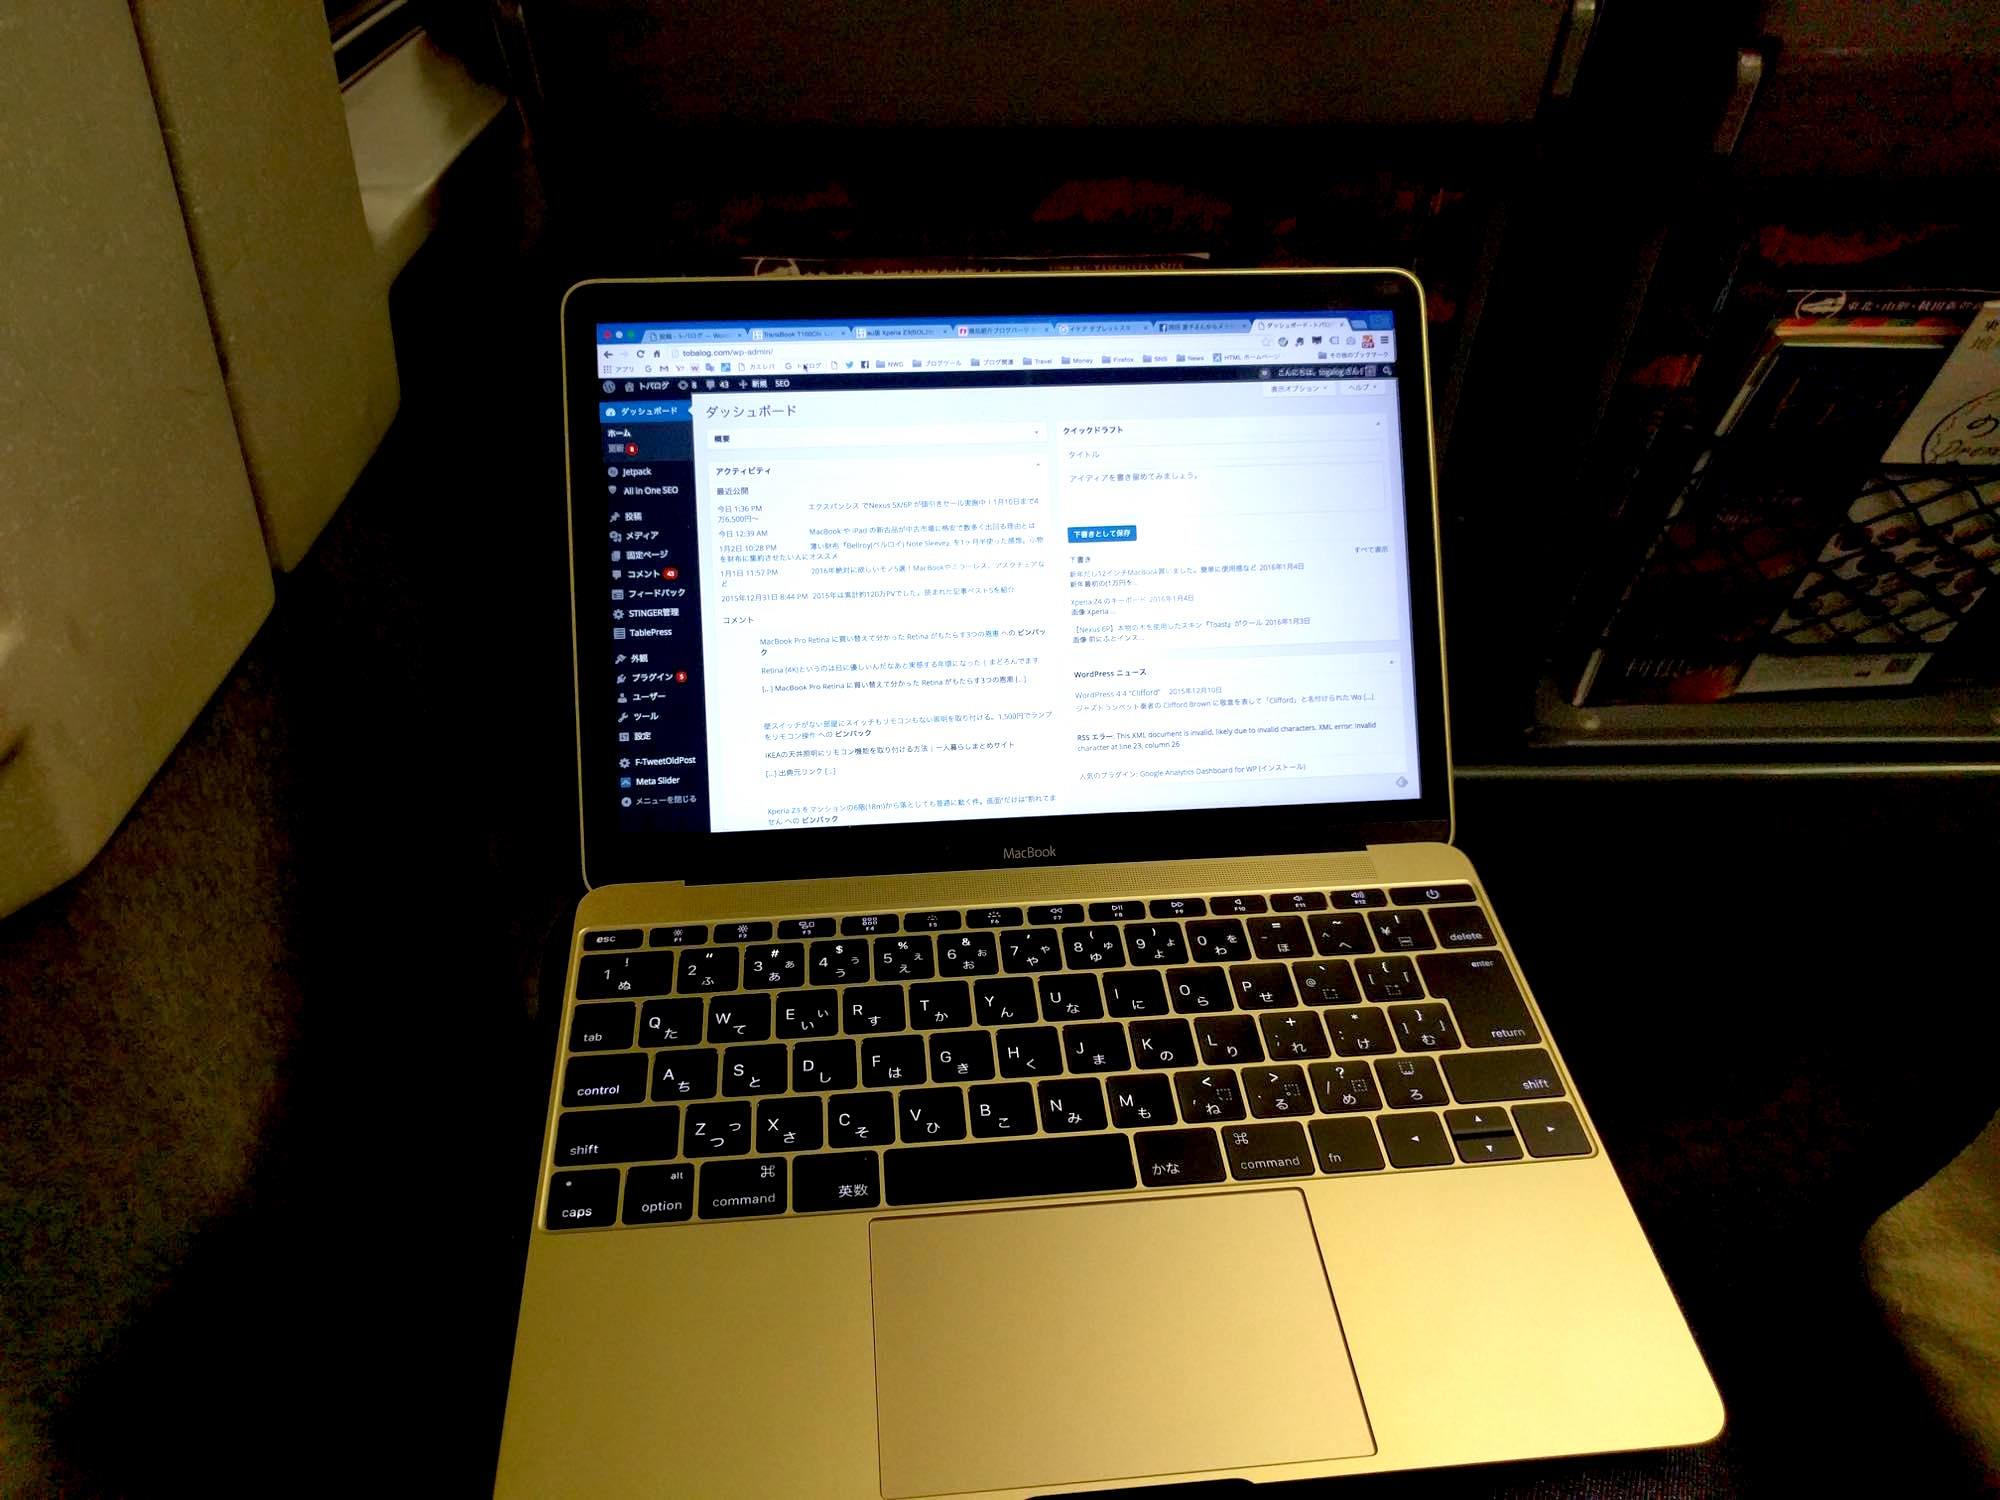 macbook12-review4